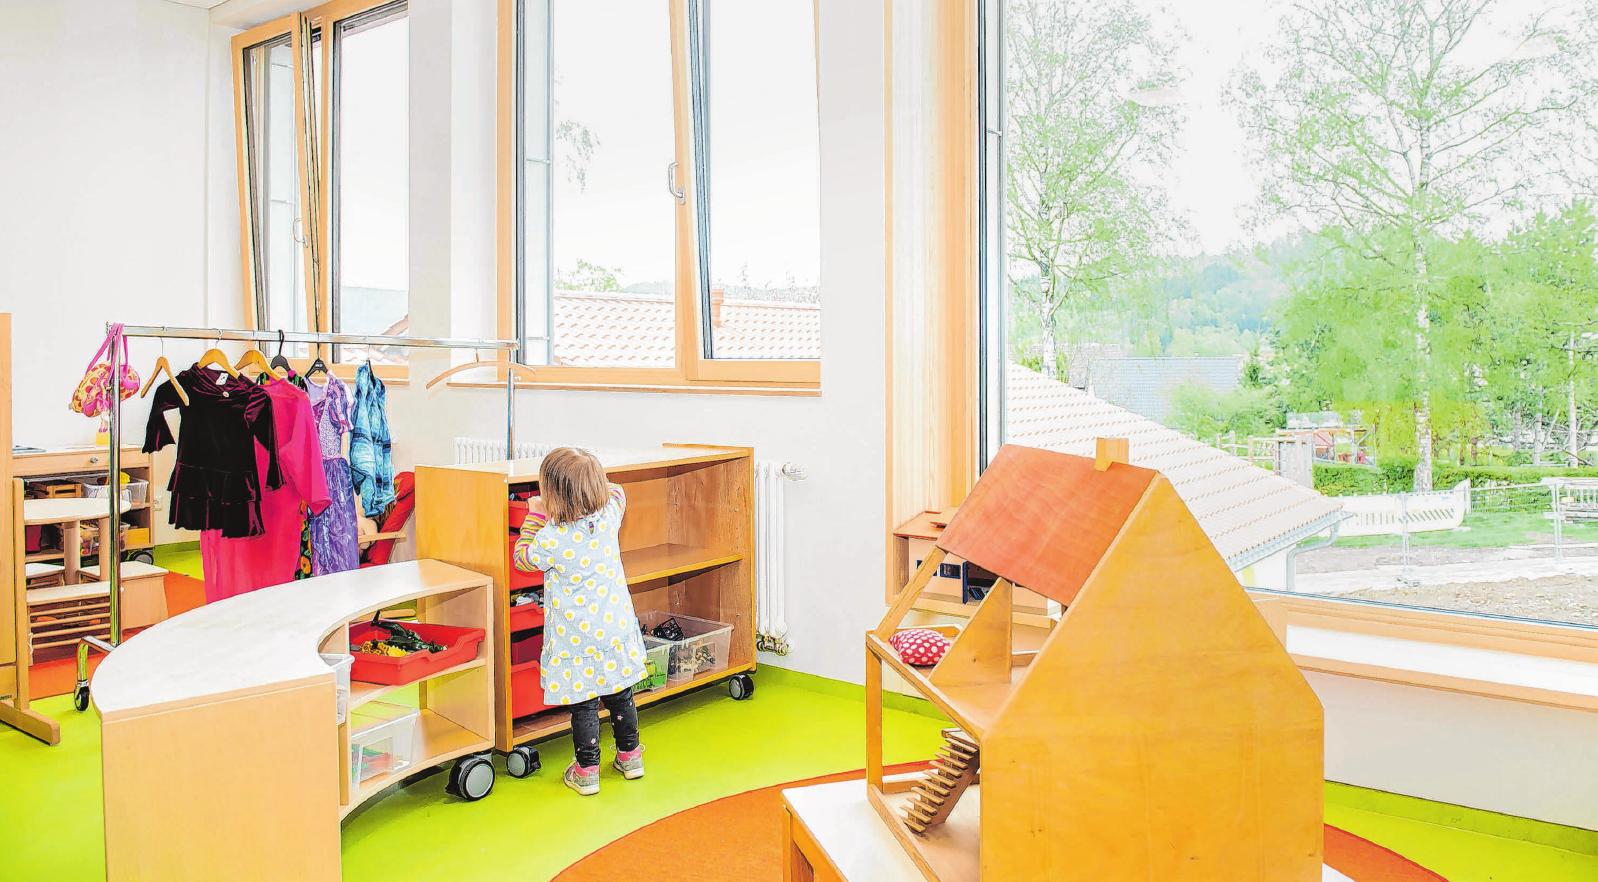 Viel Platz und Licht sorgen für eine gute Atmosphäre zum Lernen, Spielen und Heranwachsen. Foto: Nicole Schielberg/Stadt Gaildorf